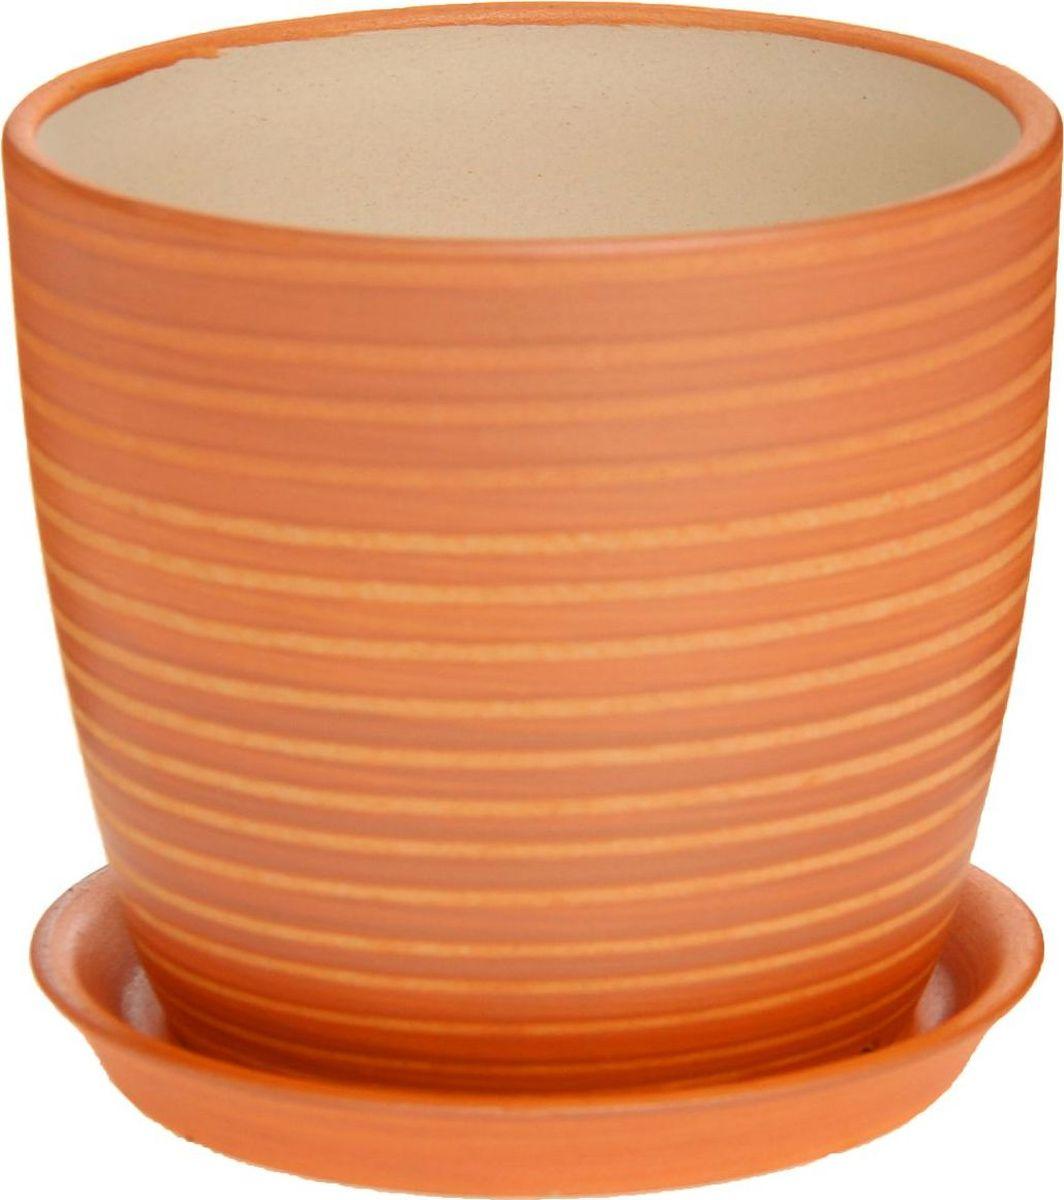 Кашпо Керамика ручной работы Осень. Радуга, цвет: карамельный, 0,5 л1170269Комнатные растения — всеобщие любимцы. Они радуют глаз, насыщают помещение кислородом и украшают пространство. Каждому из них необходим свой удобный и красивый дом. Кашпо из керамики прекрасно подходят для высадки растений: за счёт пластичности глины и разных способов обработки существует великое множество форм и дизайновпористый материал позволяет испаряться лишней влагевоздух, необходимый для дыхания корней, проникает сквозь керамические стенки! #name# позаботится о зелёном питомце, освежит интерьер и подчеркнёт его стиль.